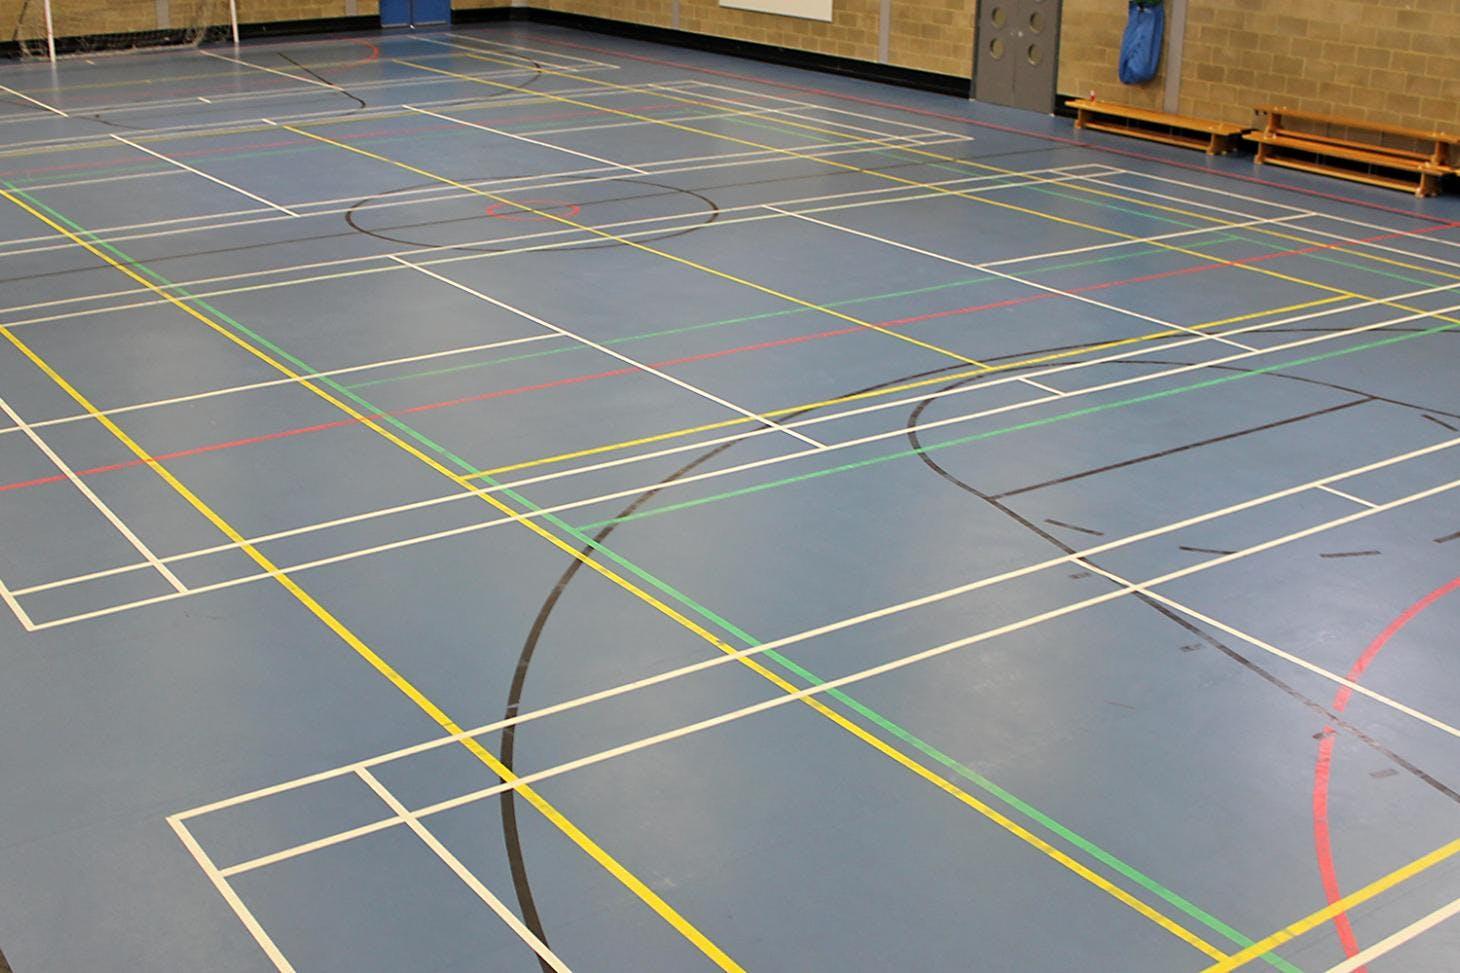 Harris Academy Purley Indoor netball court